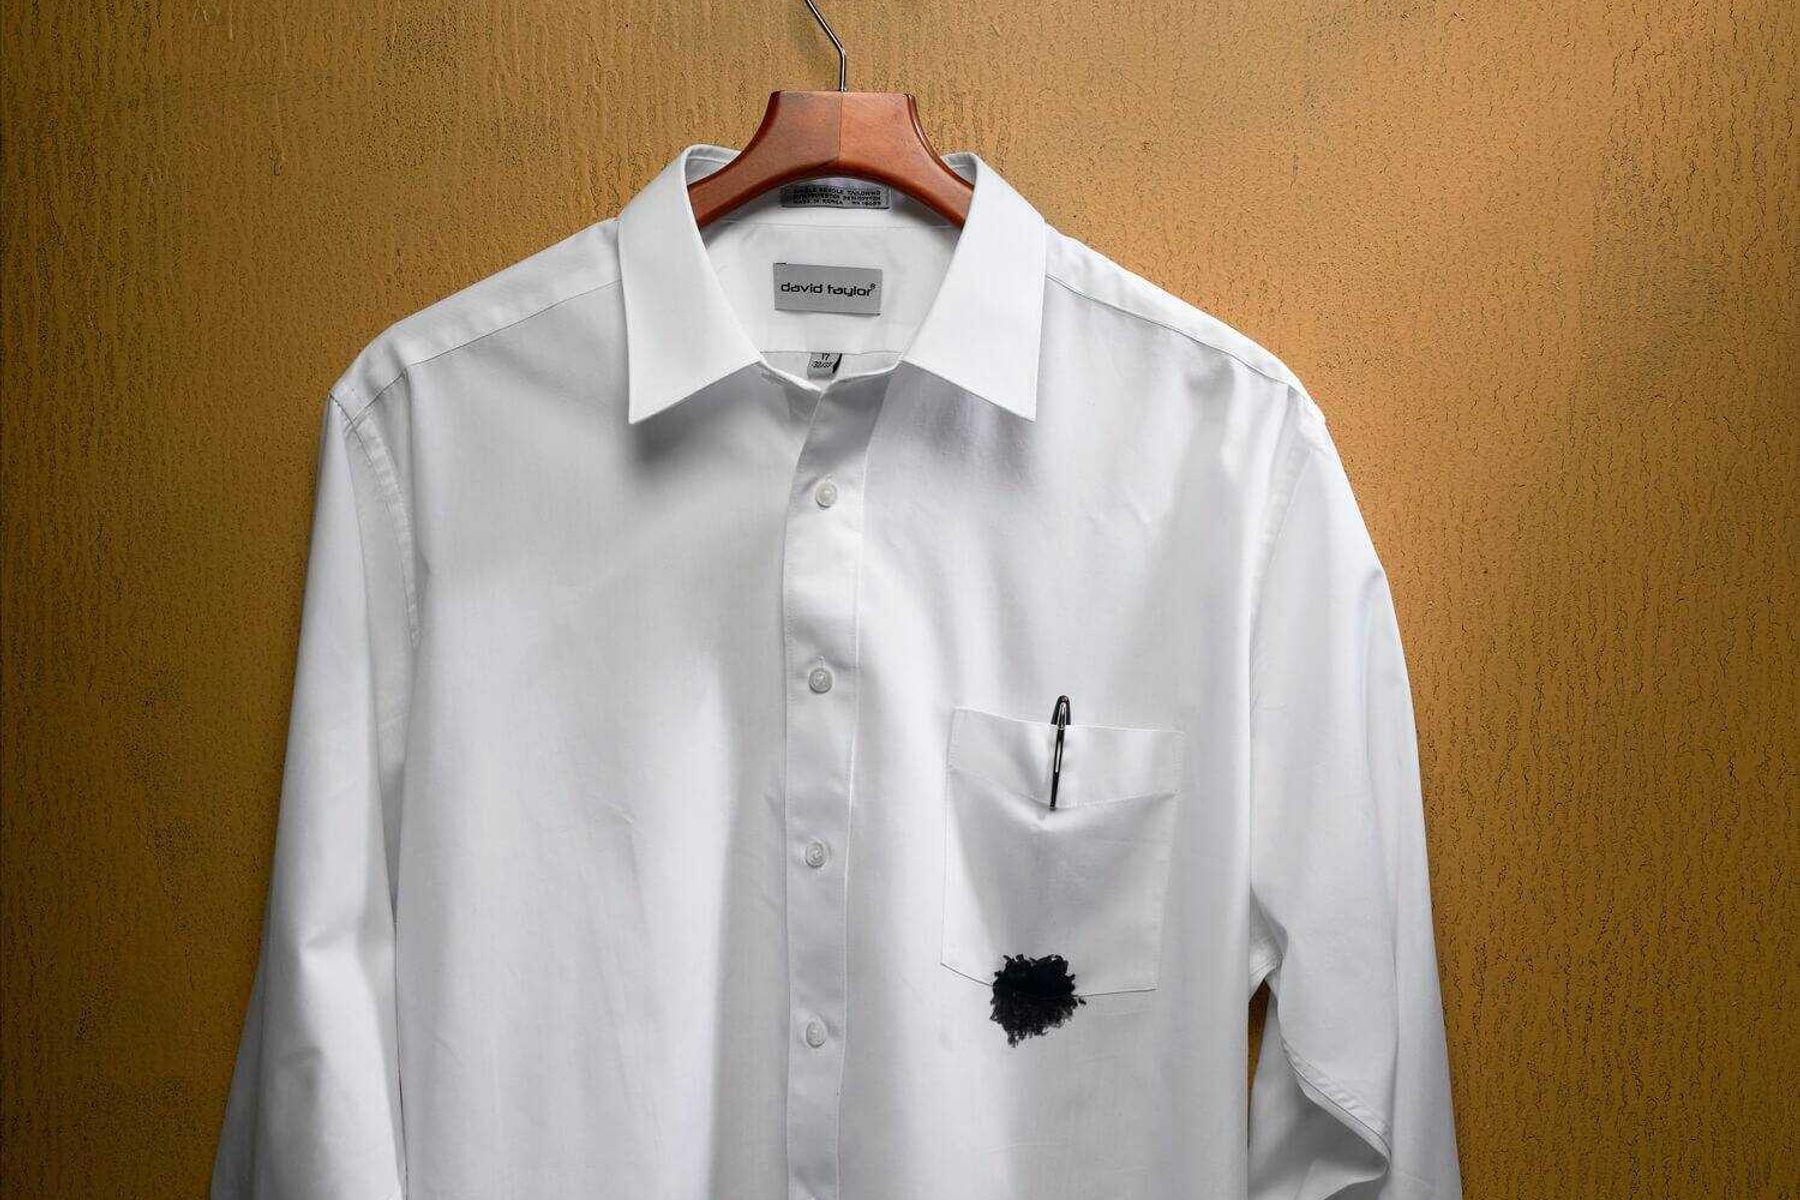 Camiseta branca com botão manchada de caneta